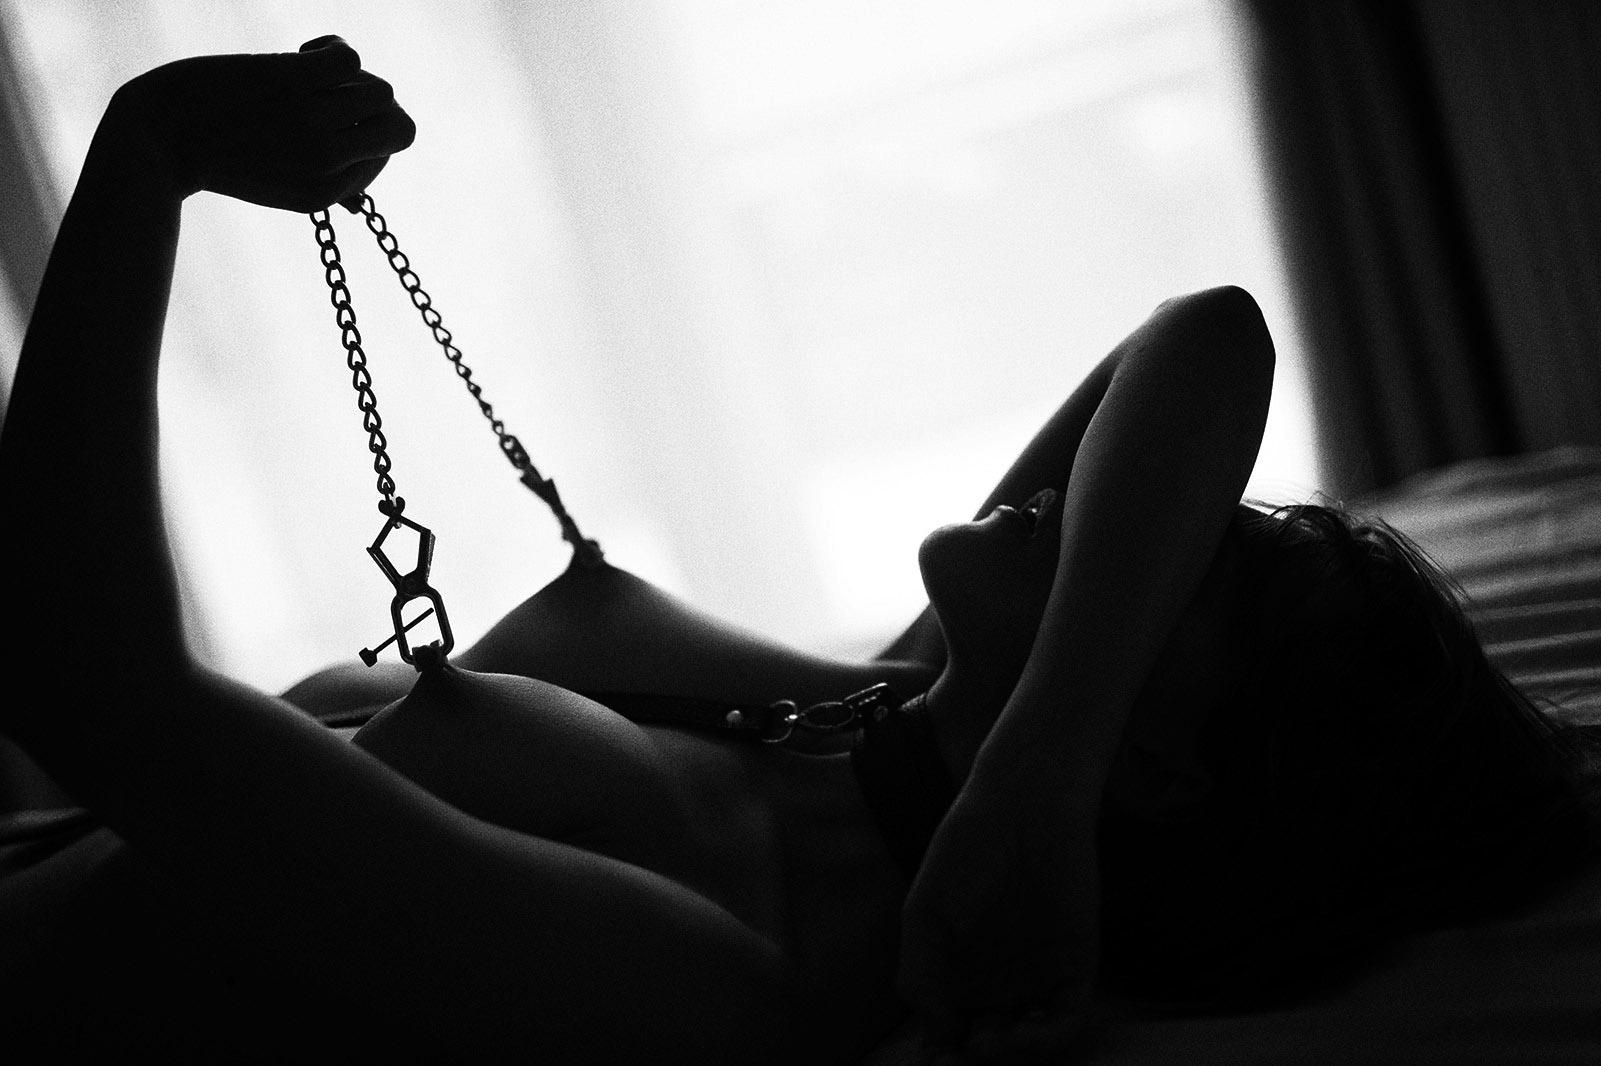 کشیدن شدن نیپل با زنجیر